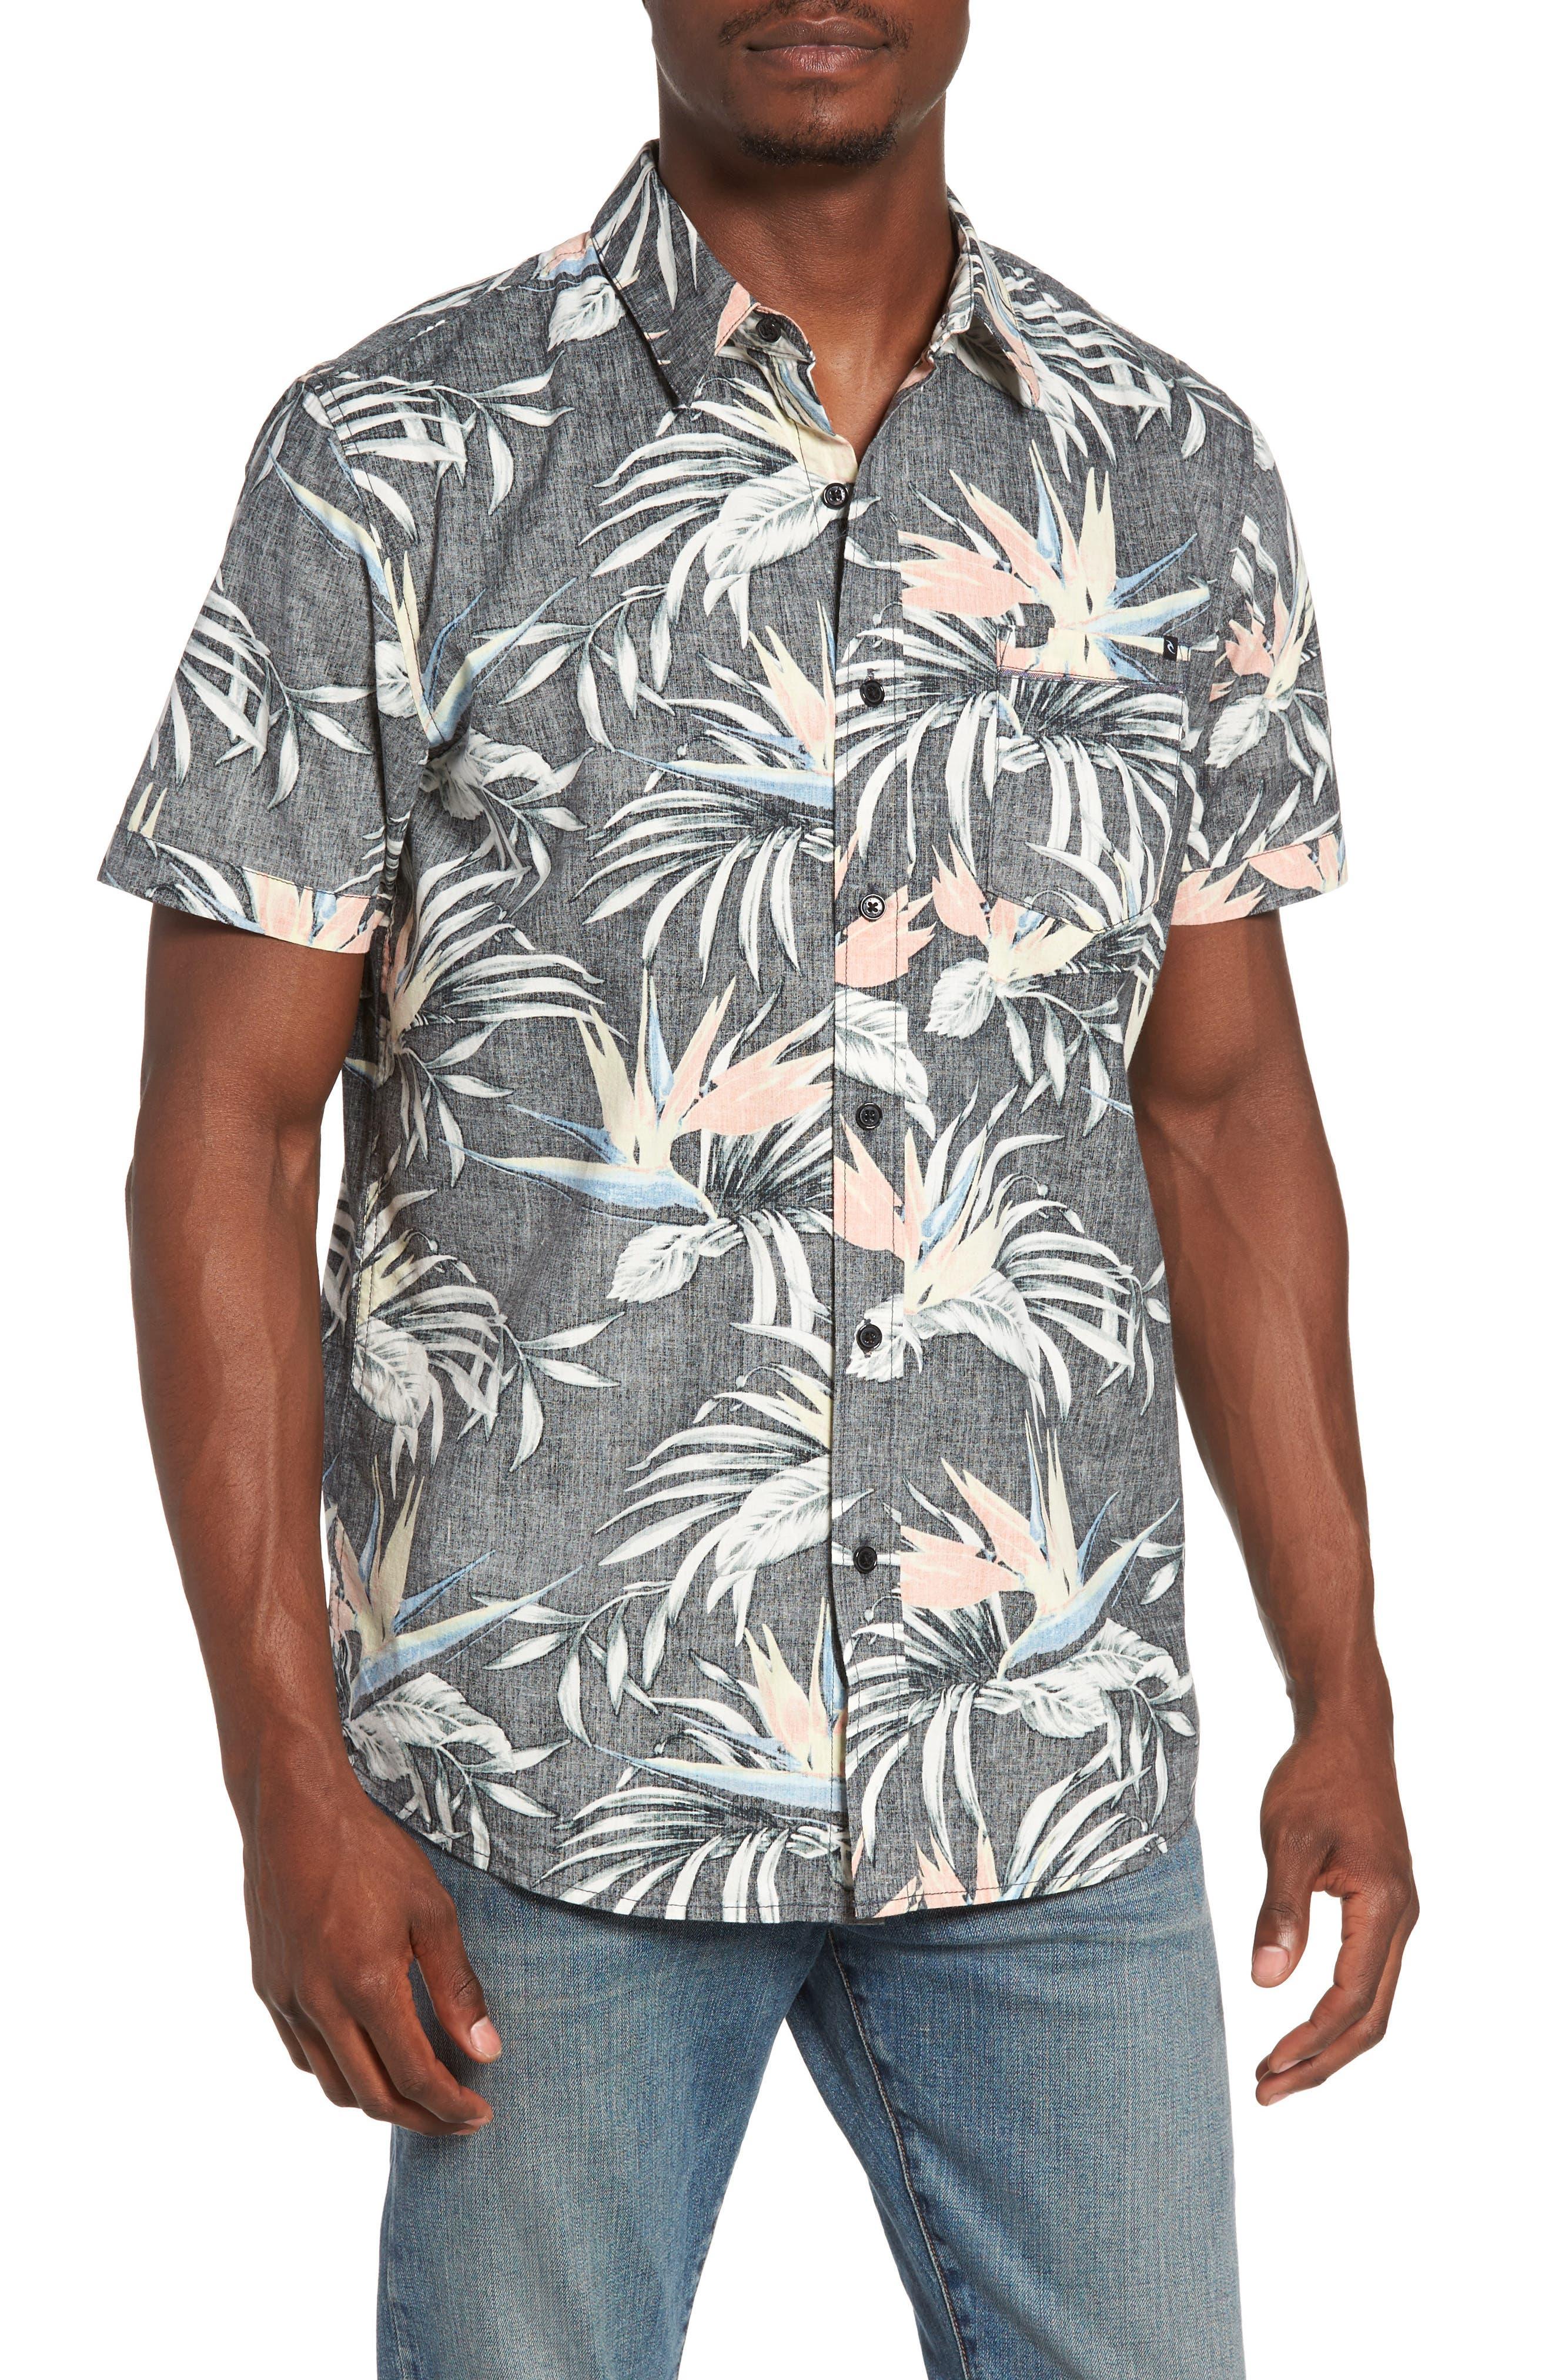 Rip Curl Island Time Tropical Print Shirt